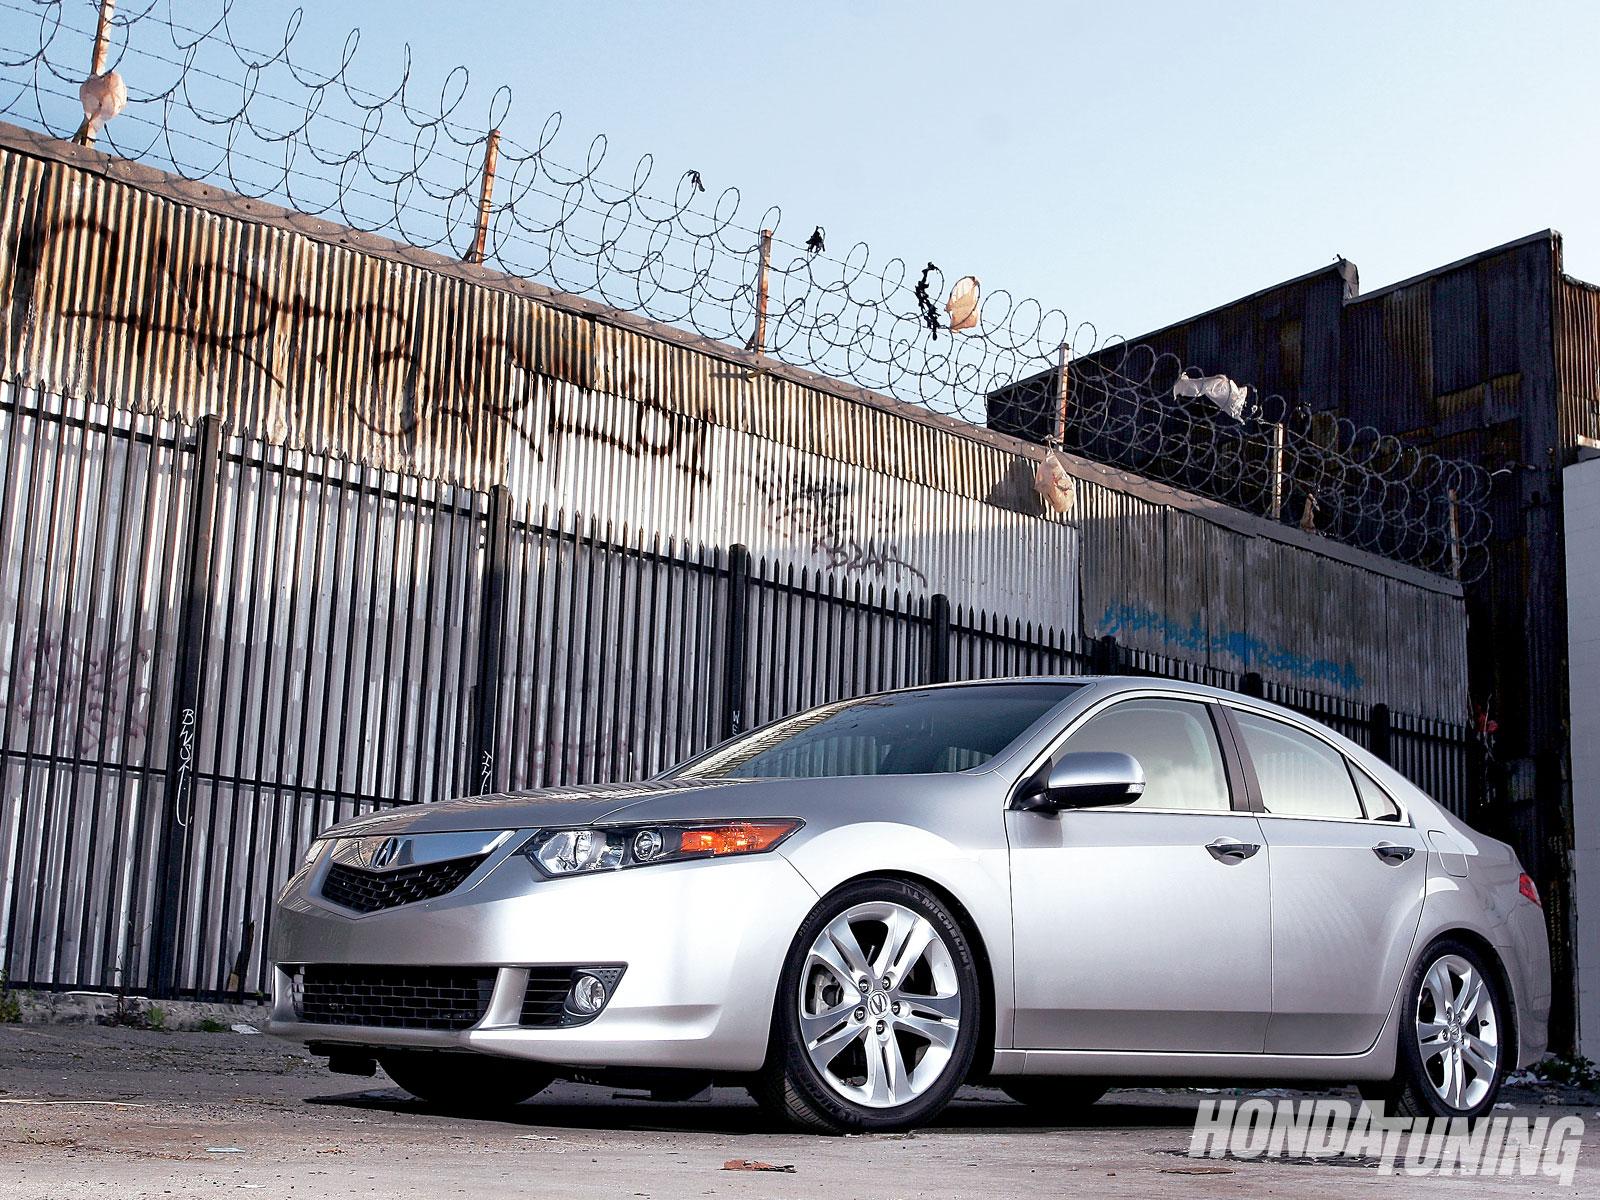 2010 Acura Tsx V 6 Four Door Sedan Honda Tuning Magazine